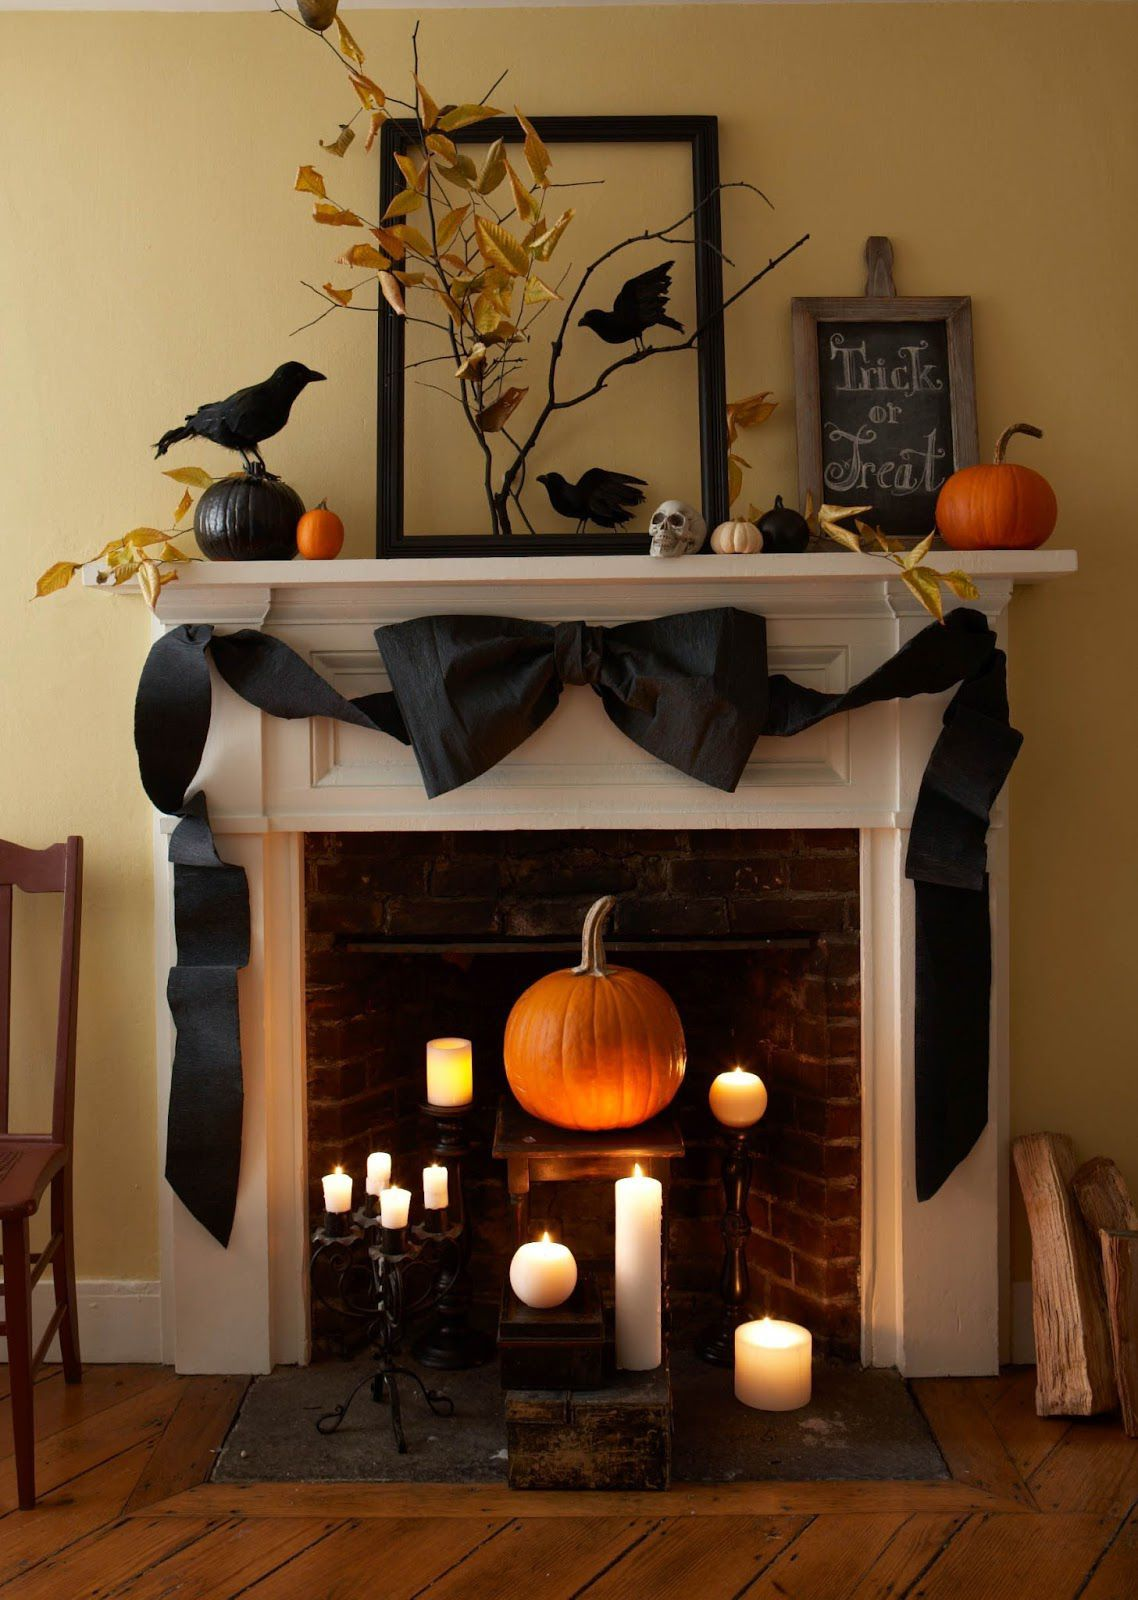 50 of the Most Popular Halloween Ideas on Pinterest